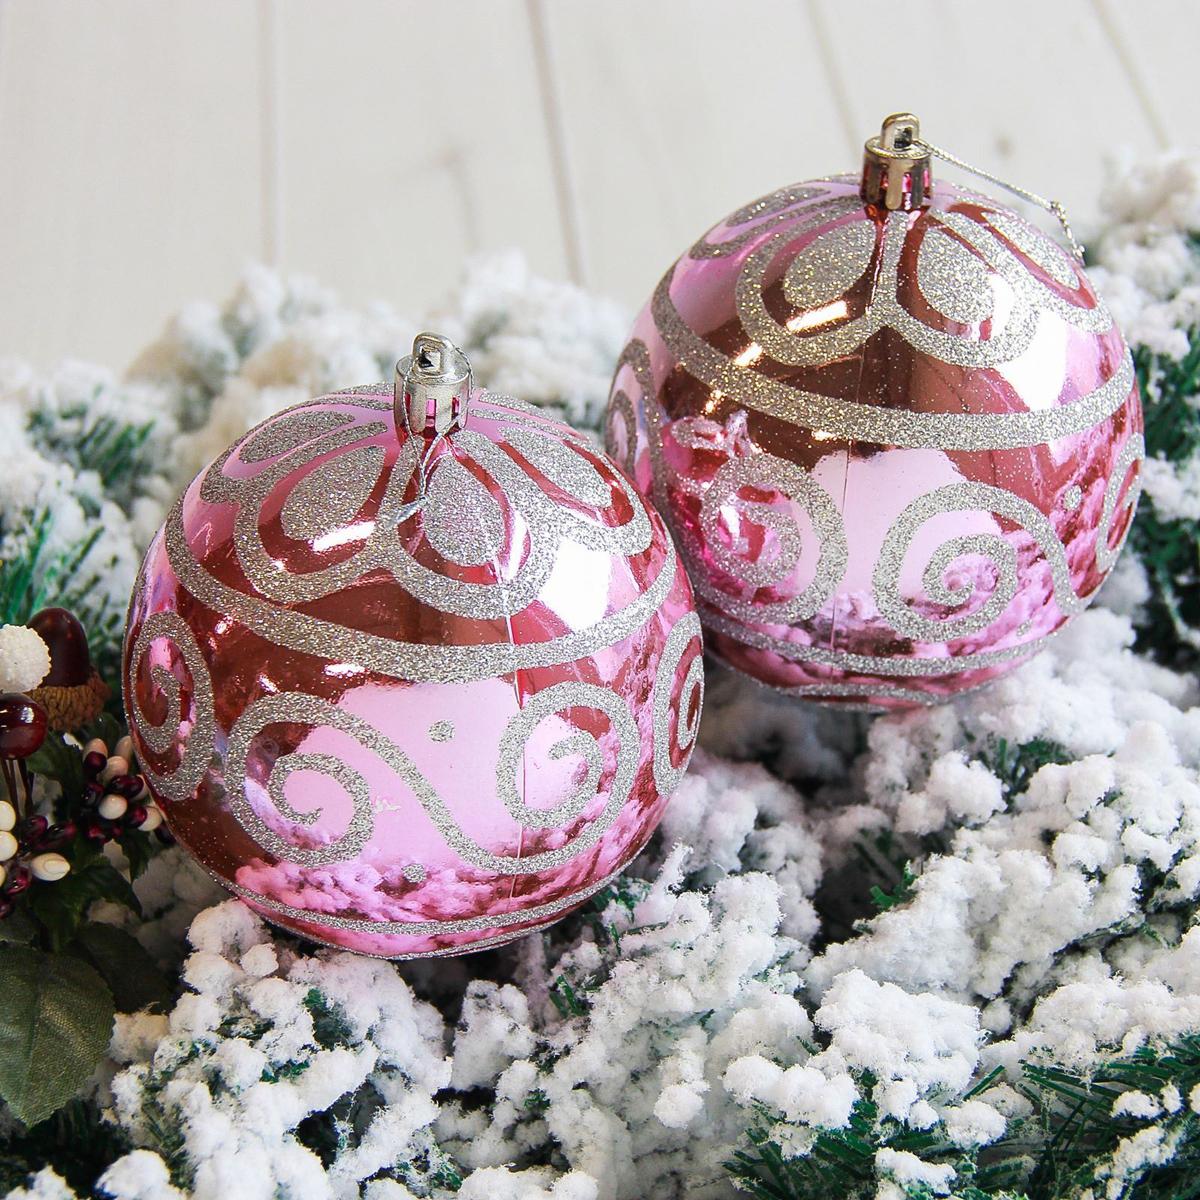 Набор новогодних подвесных украшений Sima-land Флер, цвет: розовый, диаметр 10 см, 3 шт2178217Новогодние украшения Sima-land изготовлены из пластика. Изделия имеют плотный корпус, поэтому не разобьются при падении.Невозможно представить нашу жизнь без праздников! Новогодние украшения несут в себе волшебство и красоту праздника. Создайте в своем доме атмосферу тепла, веселья и радости, украшая его всей семьей.В наборе 3 штук.